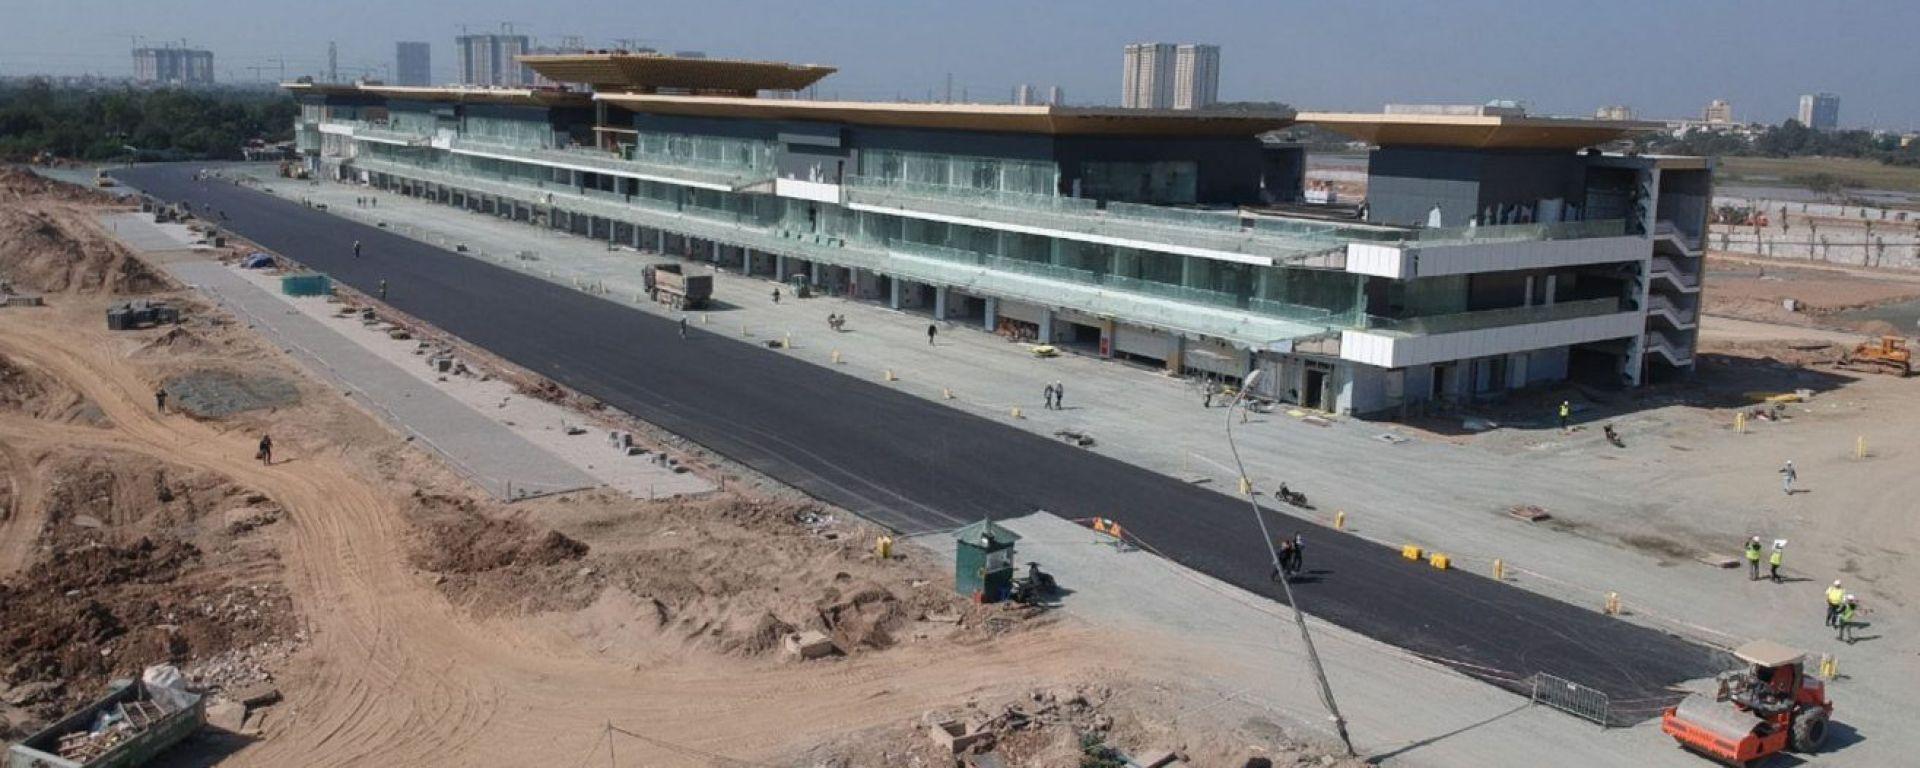 Lavori in corso ad Hanoi per il circuito cittadino che ospiterà il GP del Vietnam